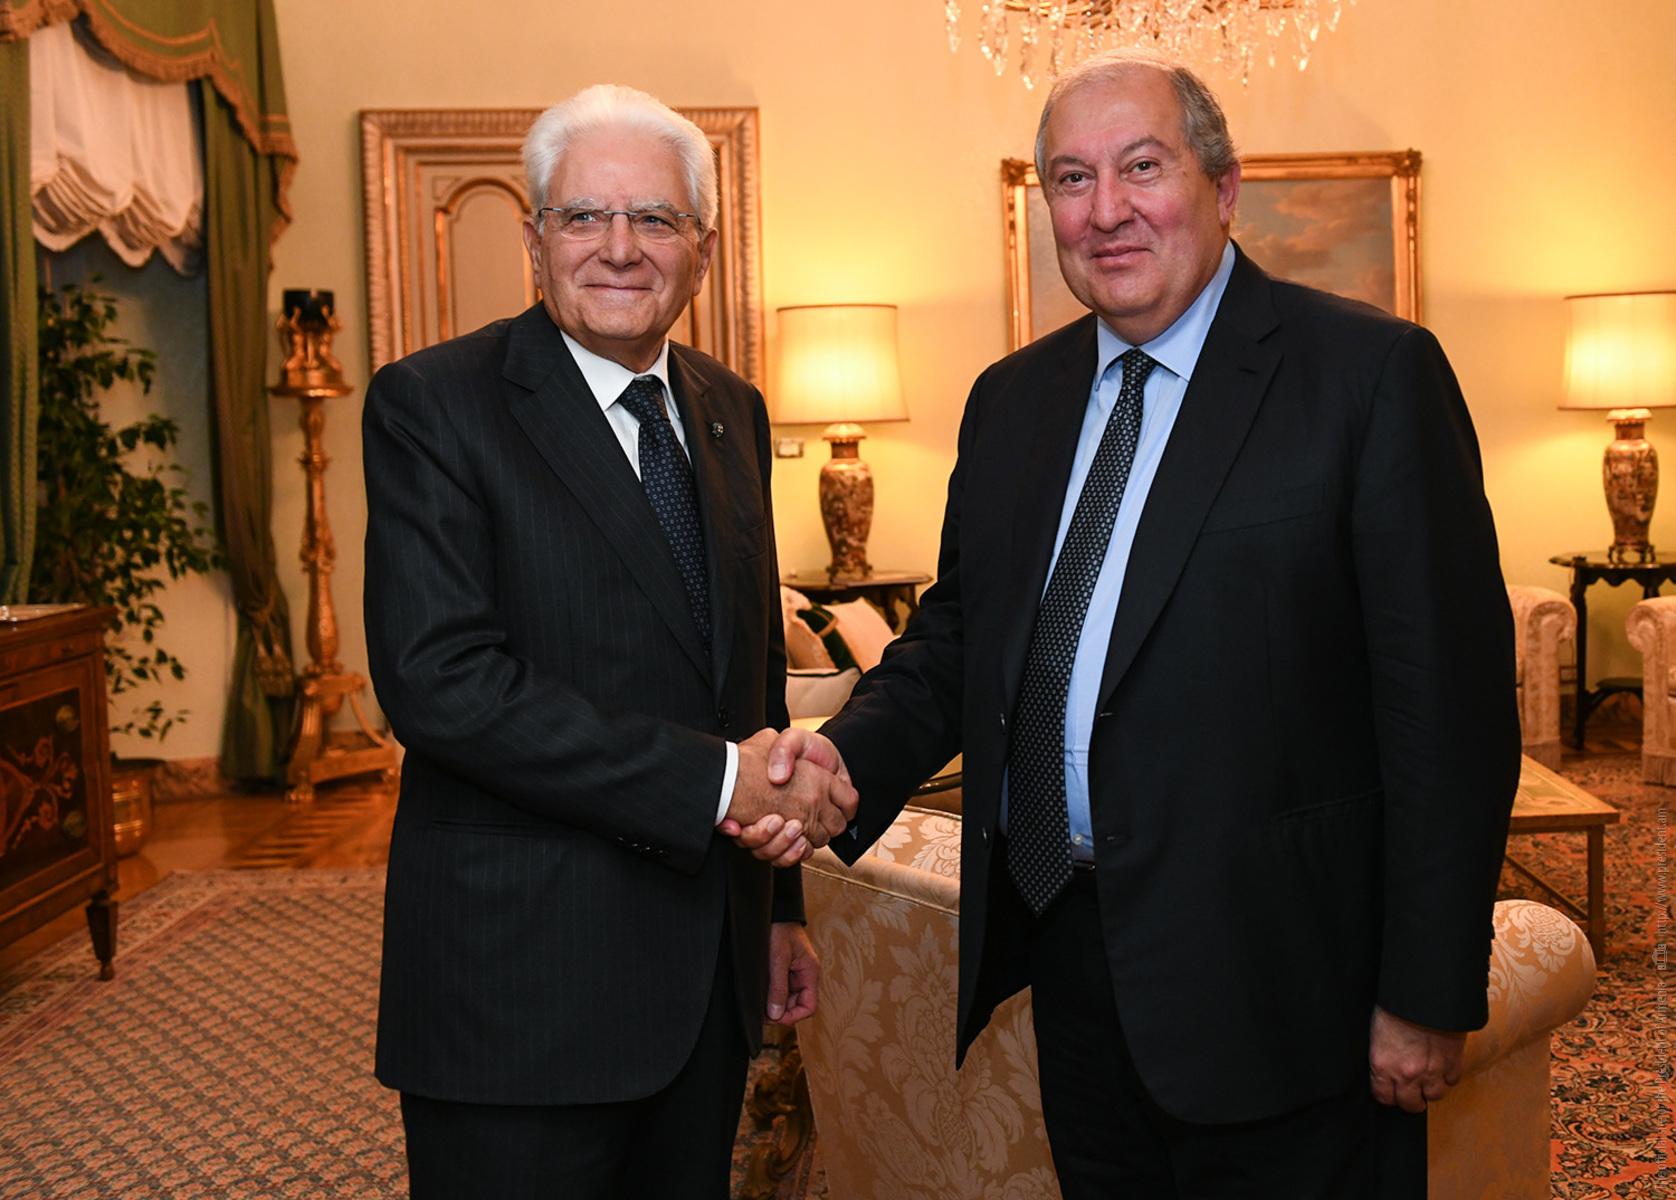 Photo of Հեռու չէ այն օրը, երբ համավարակը կհաղթահարվի, և կկրկնապատկենք մեր երկրների միջև առավել ամուր հարաբերություններ հաստատելու՝ համատեղ հանձնառությունը. նախագահ Արմեն Սարգսյանը շնորհավորել է Իտալիայի նախագահին